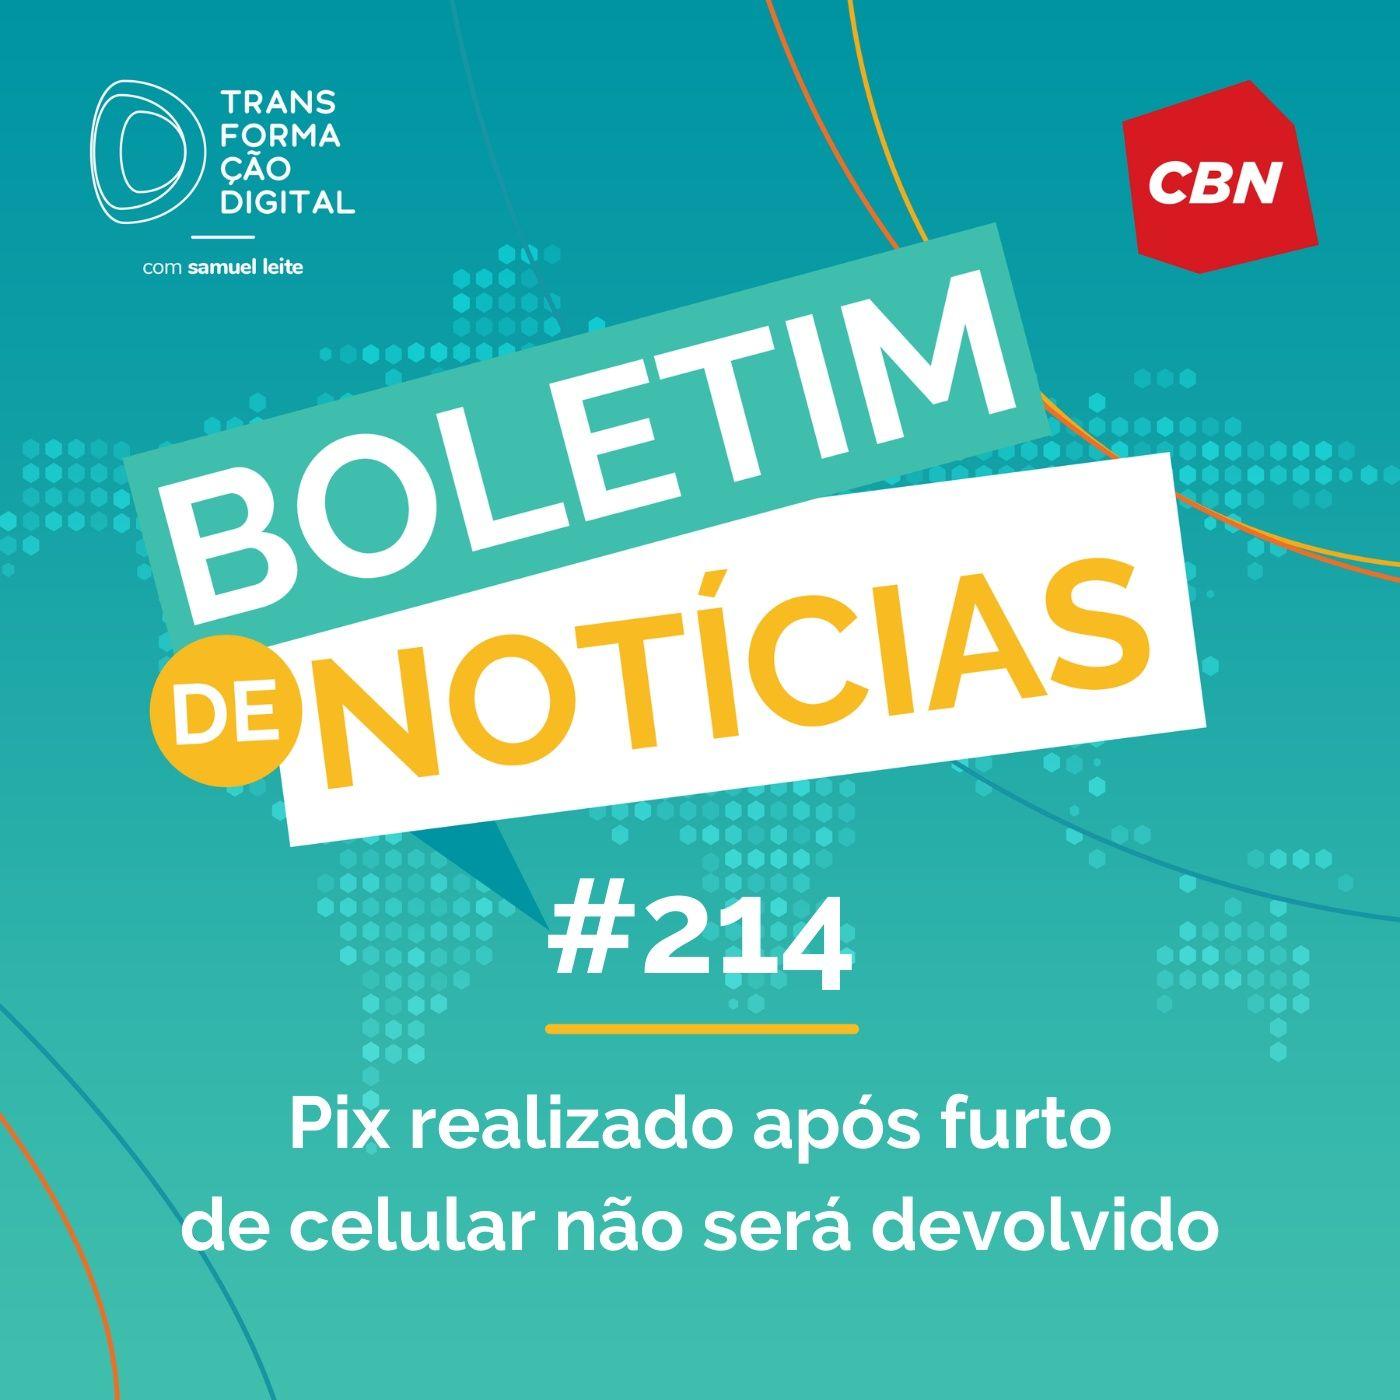 Transformação Digital CBN - Boletim de Notícias #214 - Pix realizado após furto de celular não será devolvido